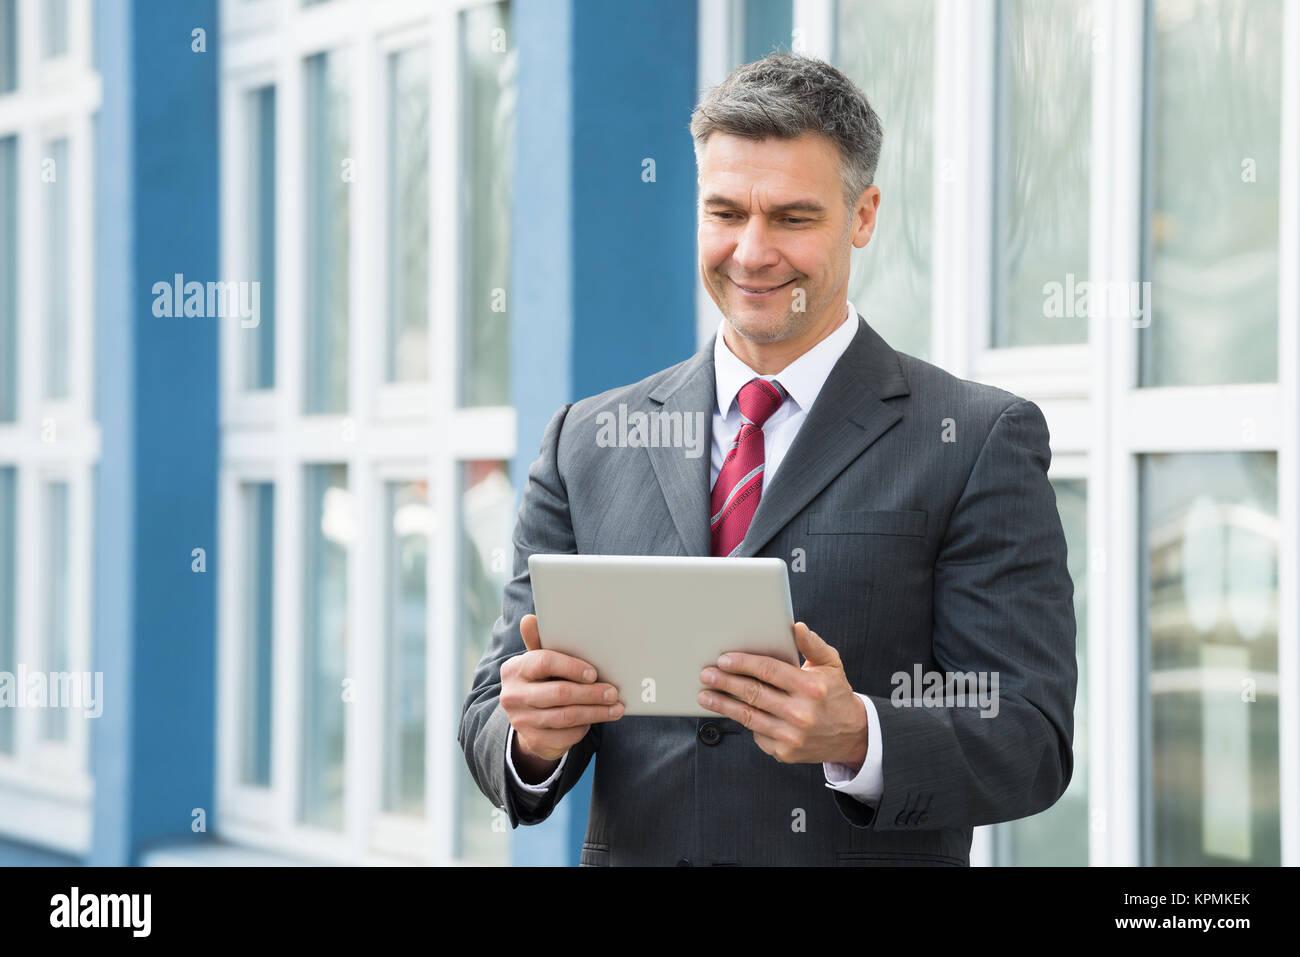 Businessman Holding Digital Tablet - Stock Image